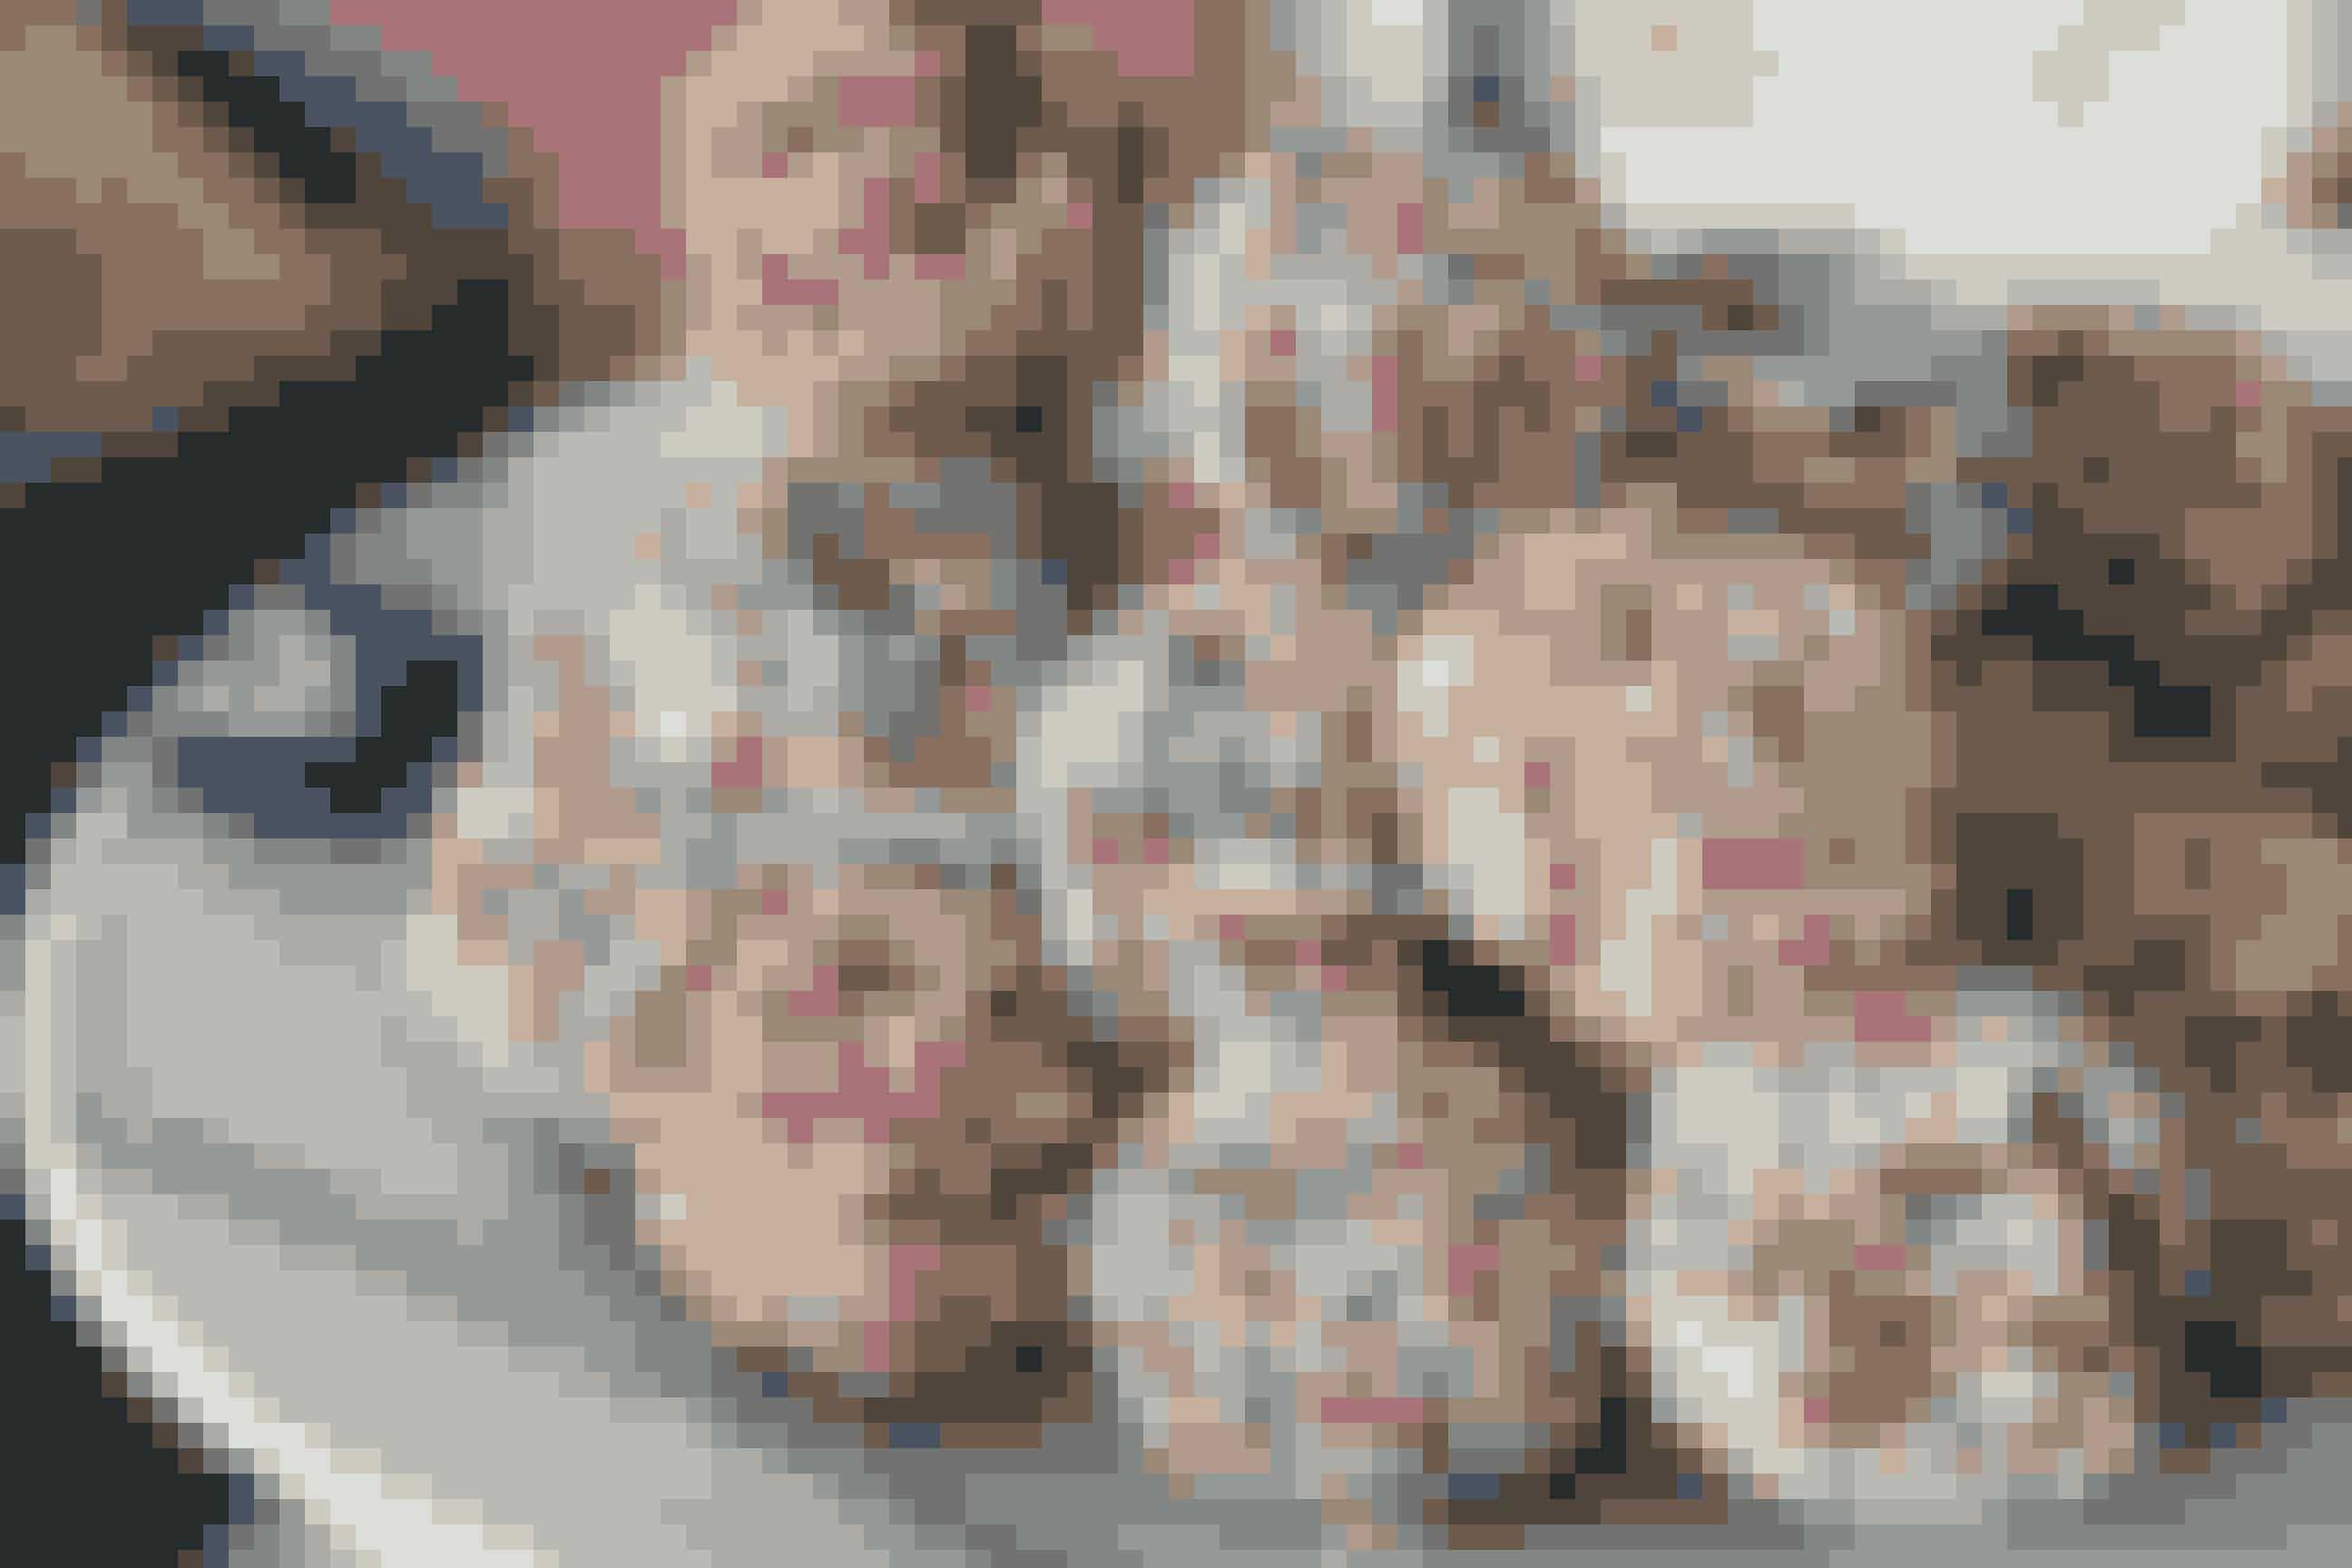 Tøse KuglerCa. 35 stk.200 g smør3 dl flormelis1 dl kakao pulver6 dl havregryn (finhvalsede)4 spsk. stærk kold kaffeSådan gør du:Rør smør, flormelis og kakaopulver sammen, til det er luftigt. Jeg bruger elpisker.Tilsæt havregryn og kaffe og rør videre, indtil det er helt sammenrørt.Form dem til små kugler og rul dem i krymmel og stil på køl, indtil de skal bruges.Kan passende også laves 1-2 dage før.TIP: Kom dem i mini-muffinsforme - det ser indbydende og lækkert ud. * Få flere opskrifter fra Julie i Ude og Hjemme nr. 12.